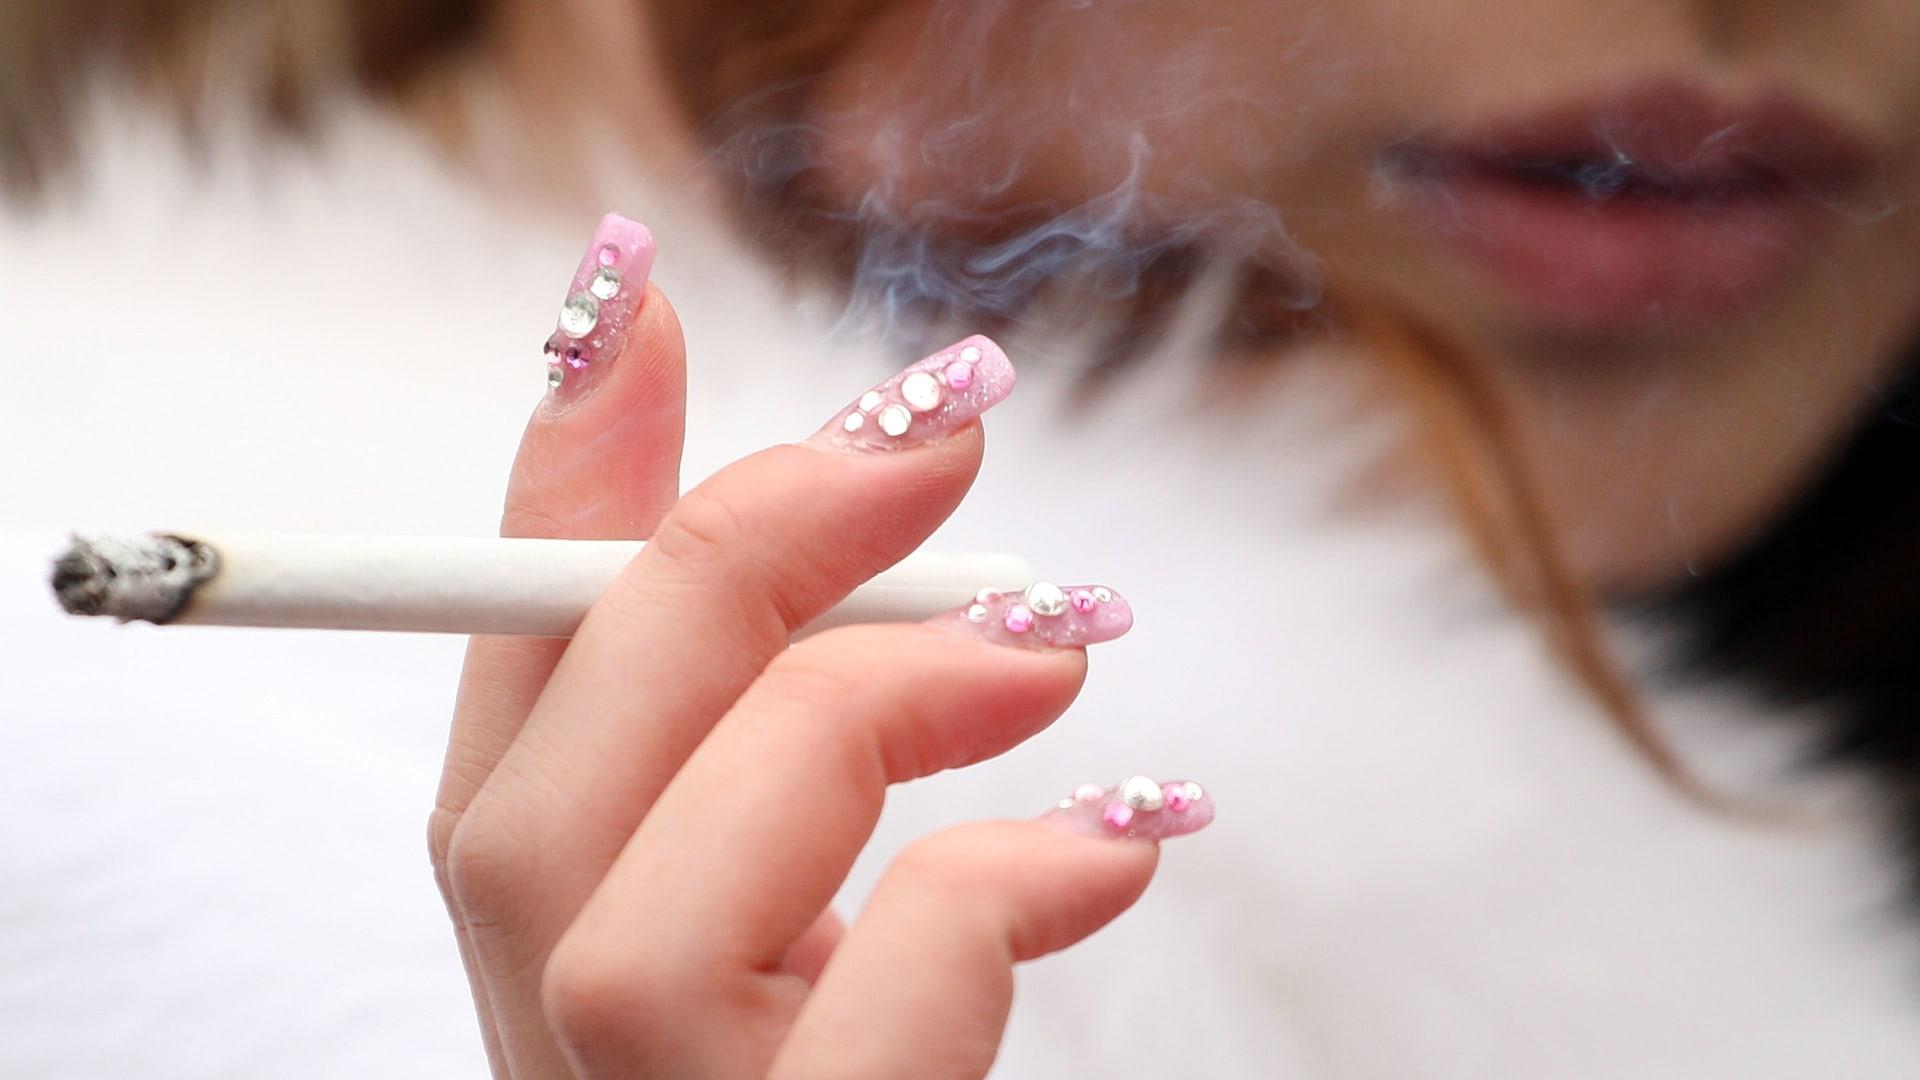 قد يسبب الإدمان مثل الهيروين.. إليك بعض النصائح لمساعدتك في الإقلاع عن تدخين السجائر